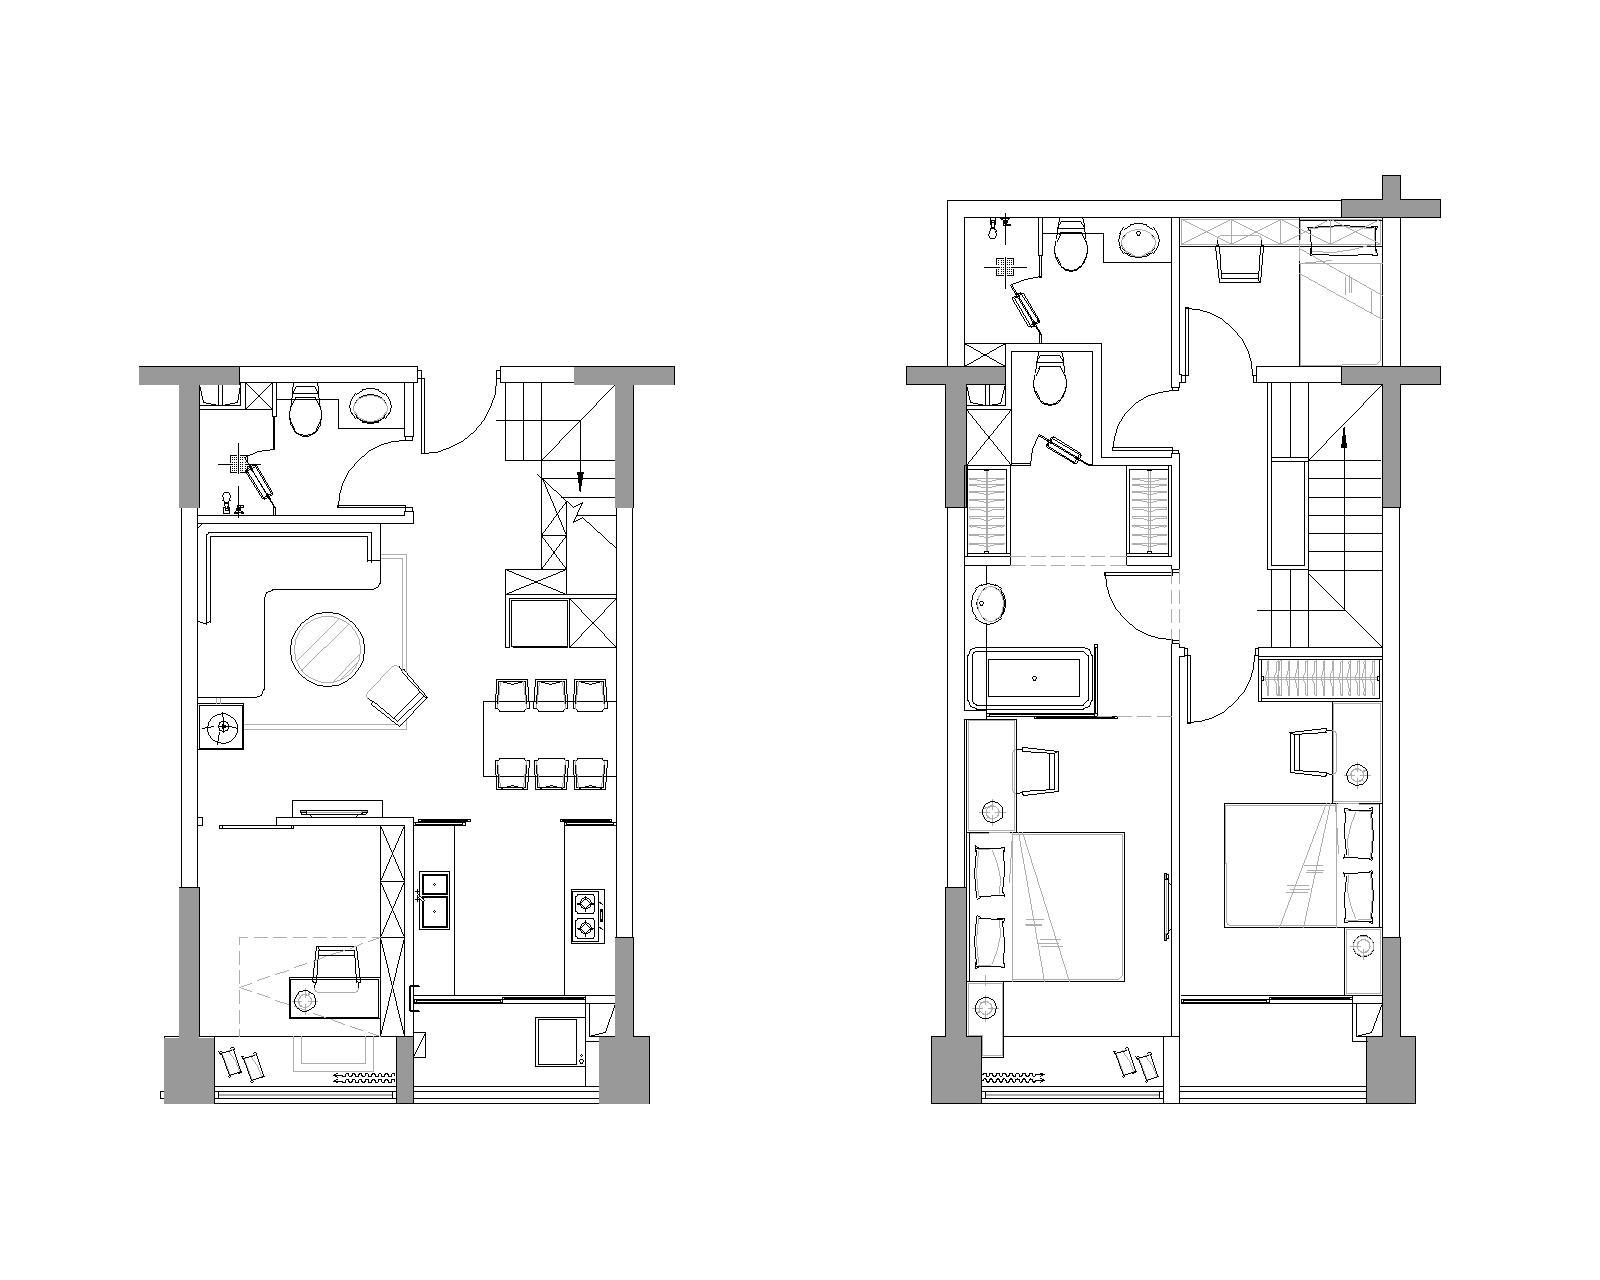 17-23理想公馆塔楼平面布置图-Model.jpg